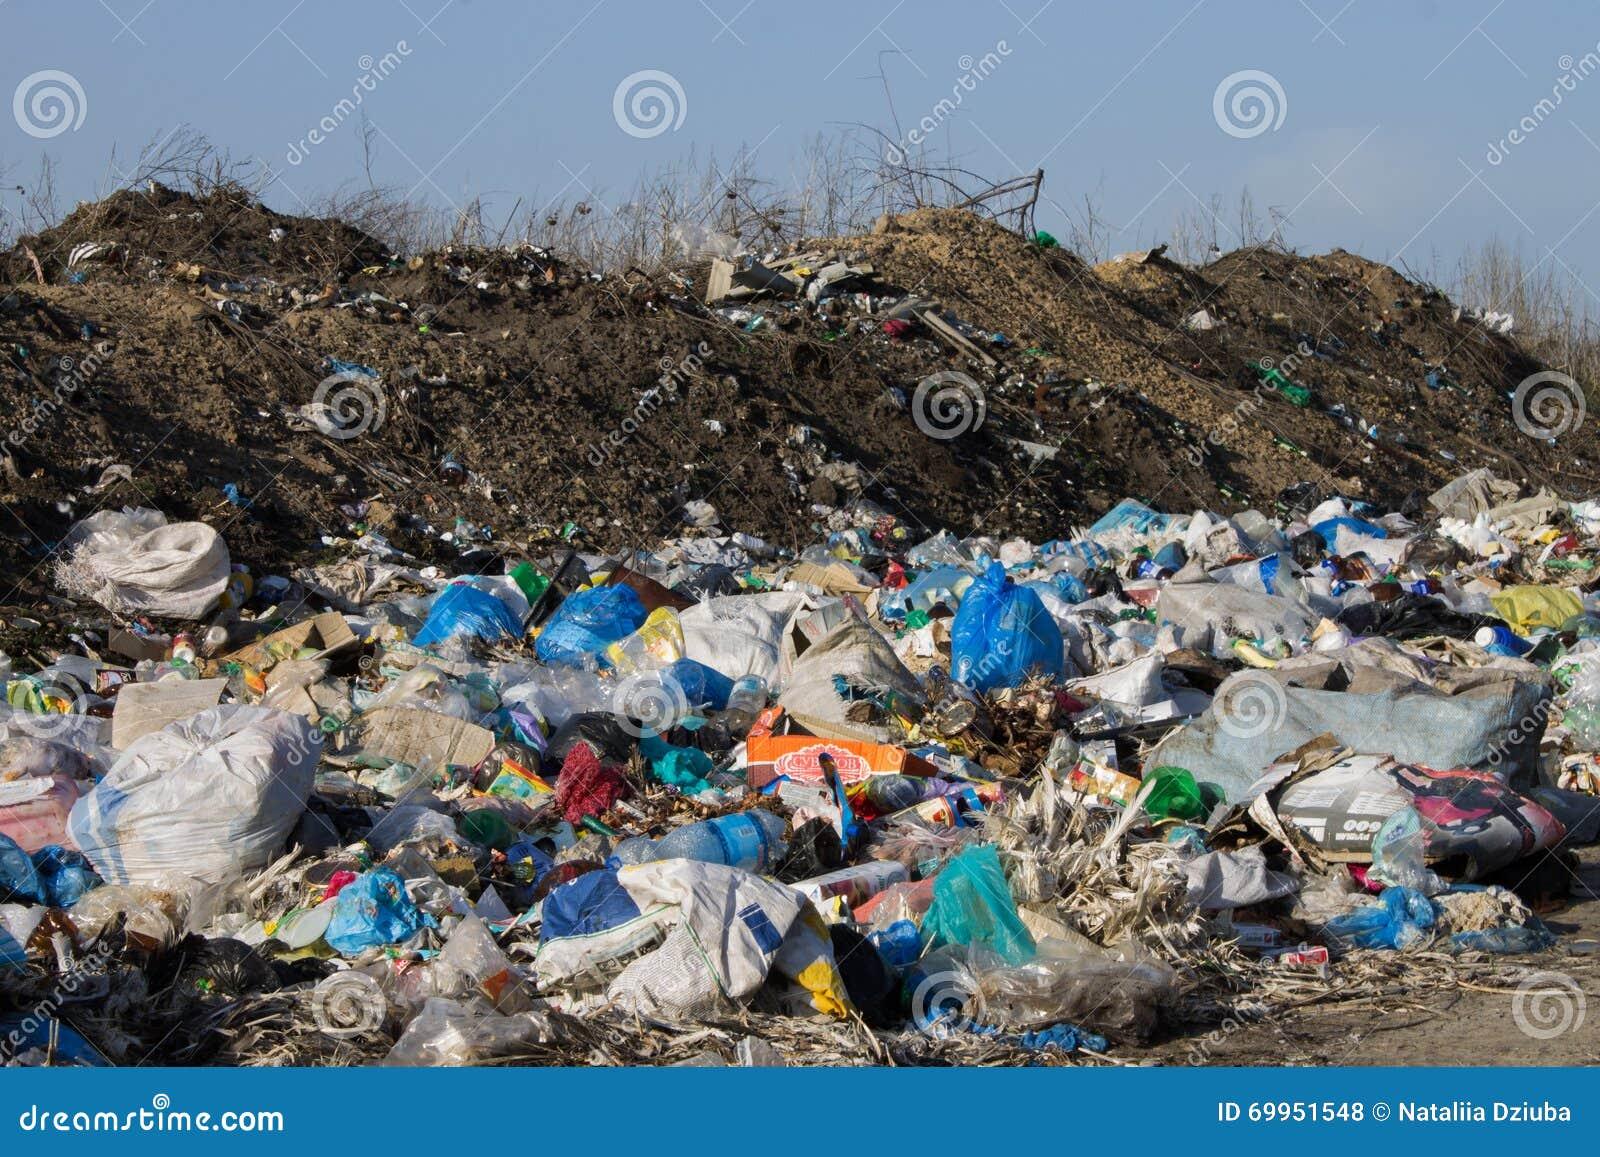 Stortplaatshoop van huisvuil en afval ecologische crisisfoto